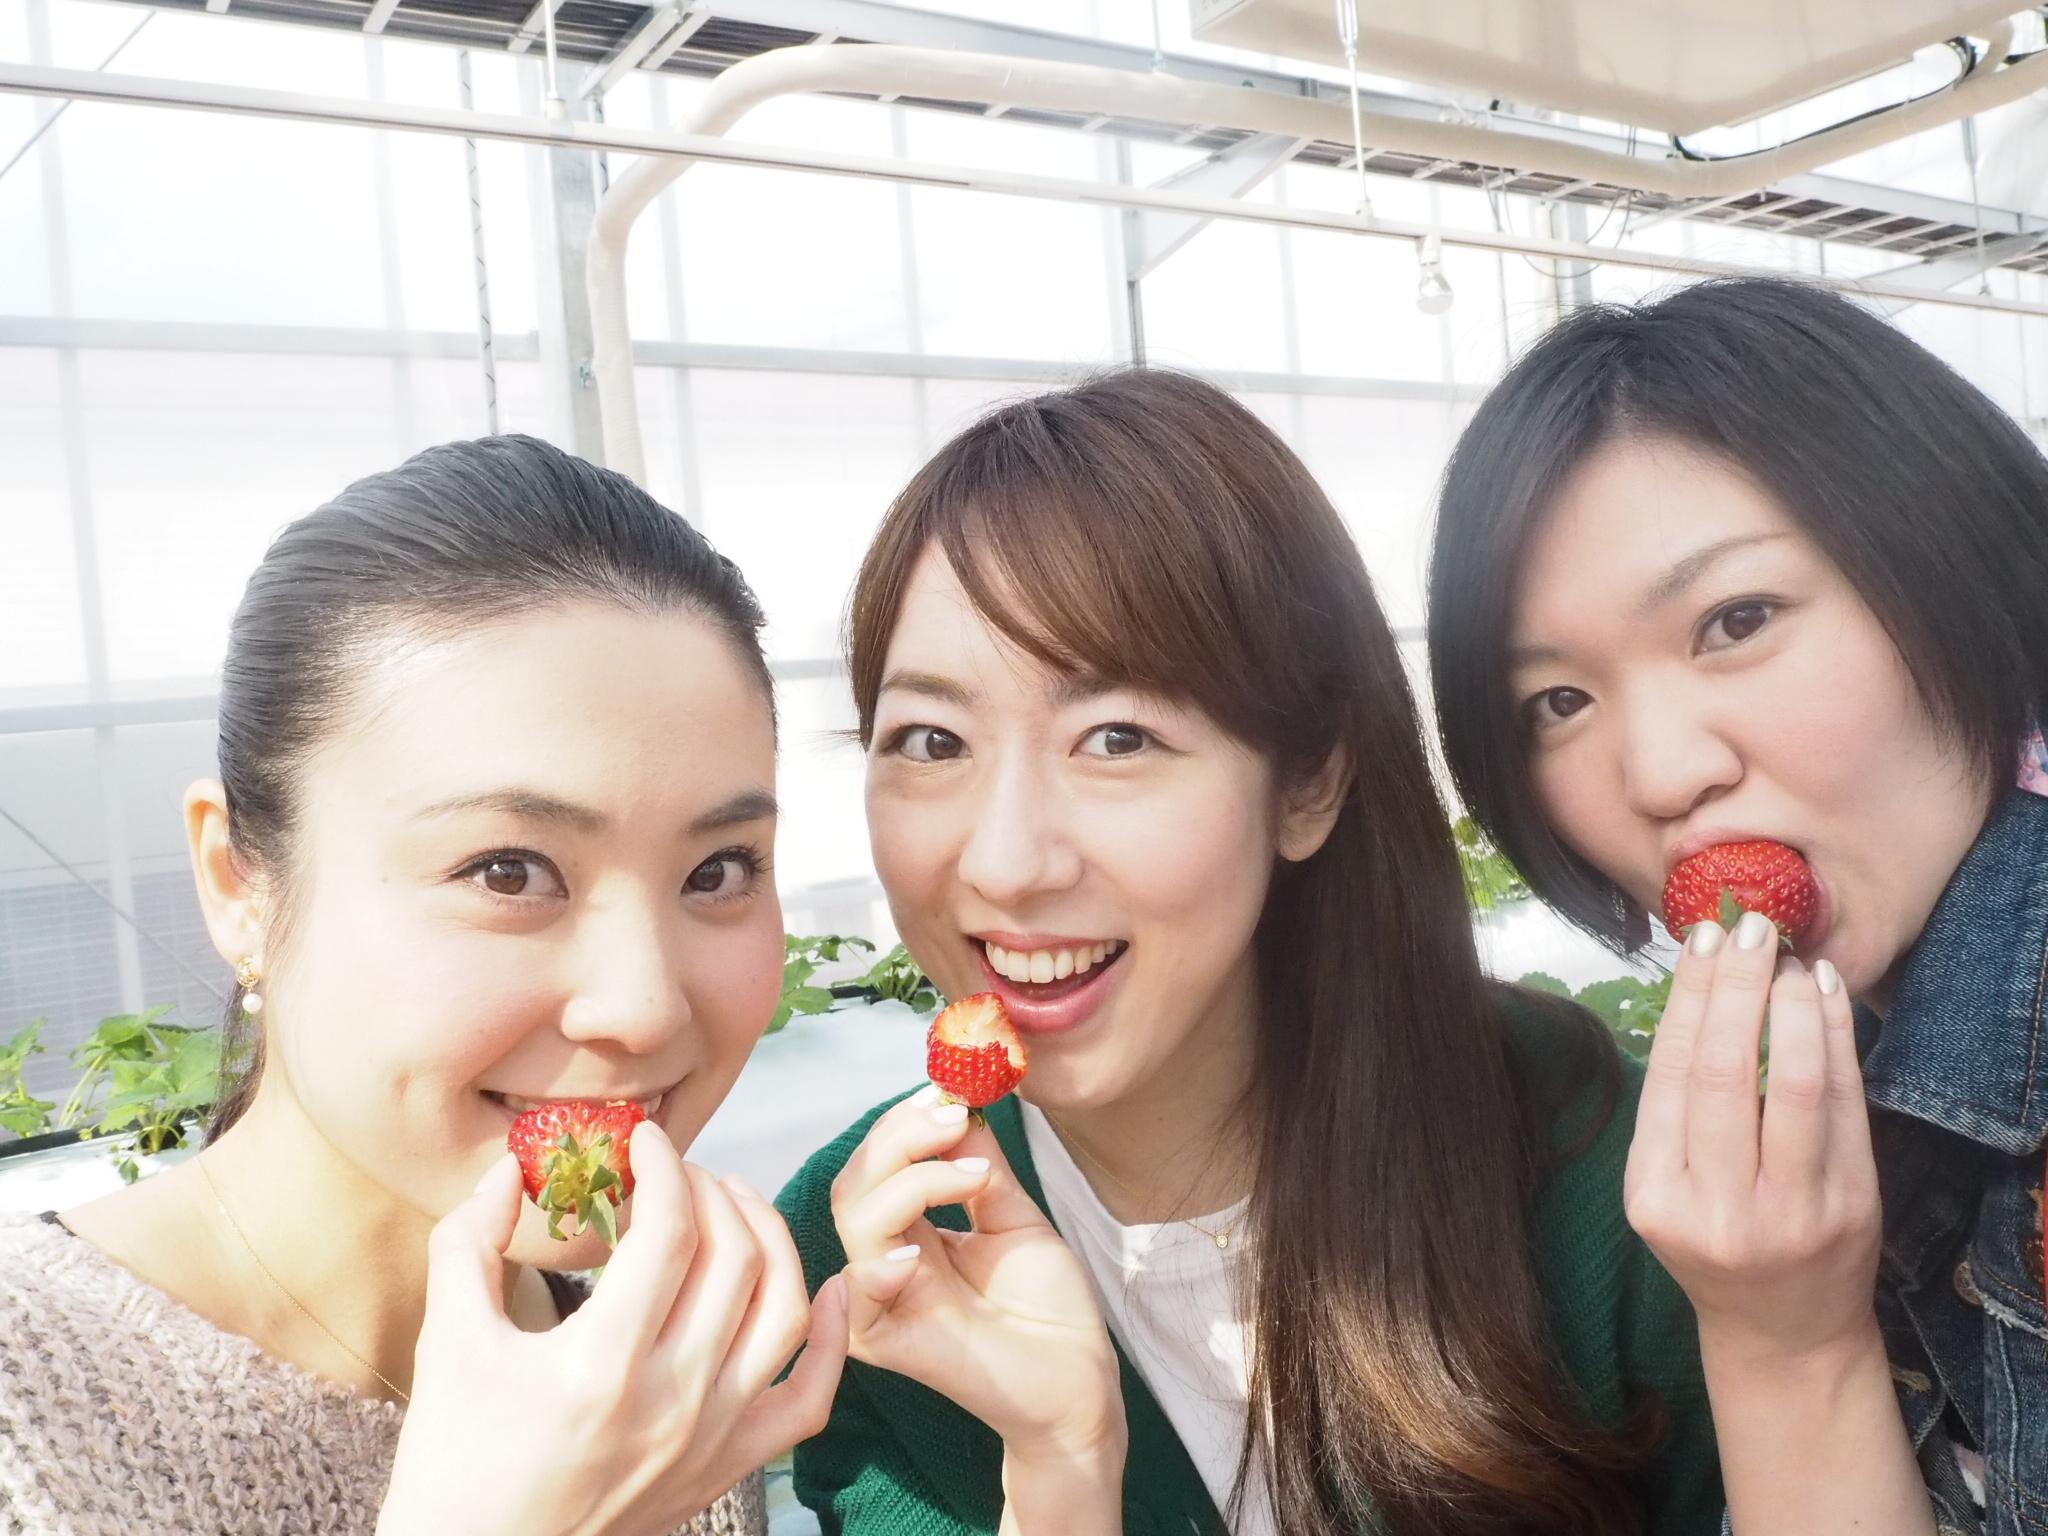 4月29日OPEN!1年中イチゴ狩りできる『東京ストロベリーパーク』